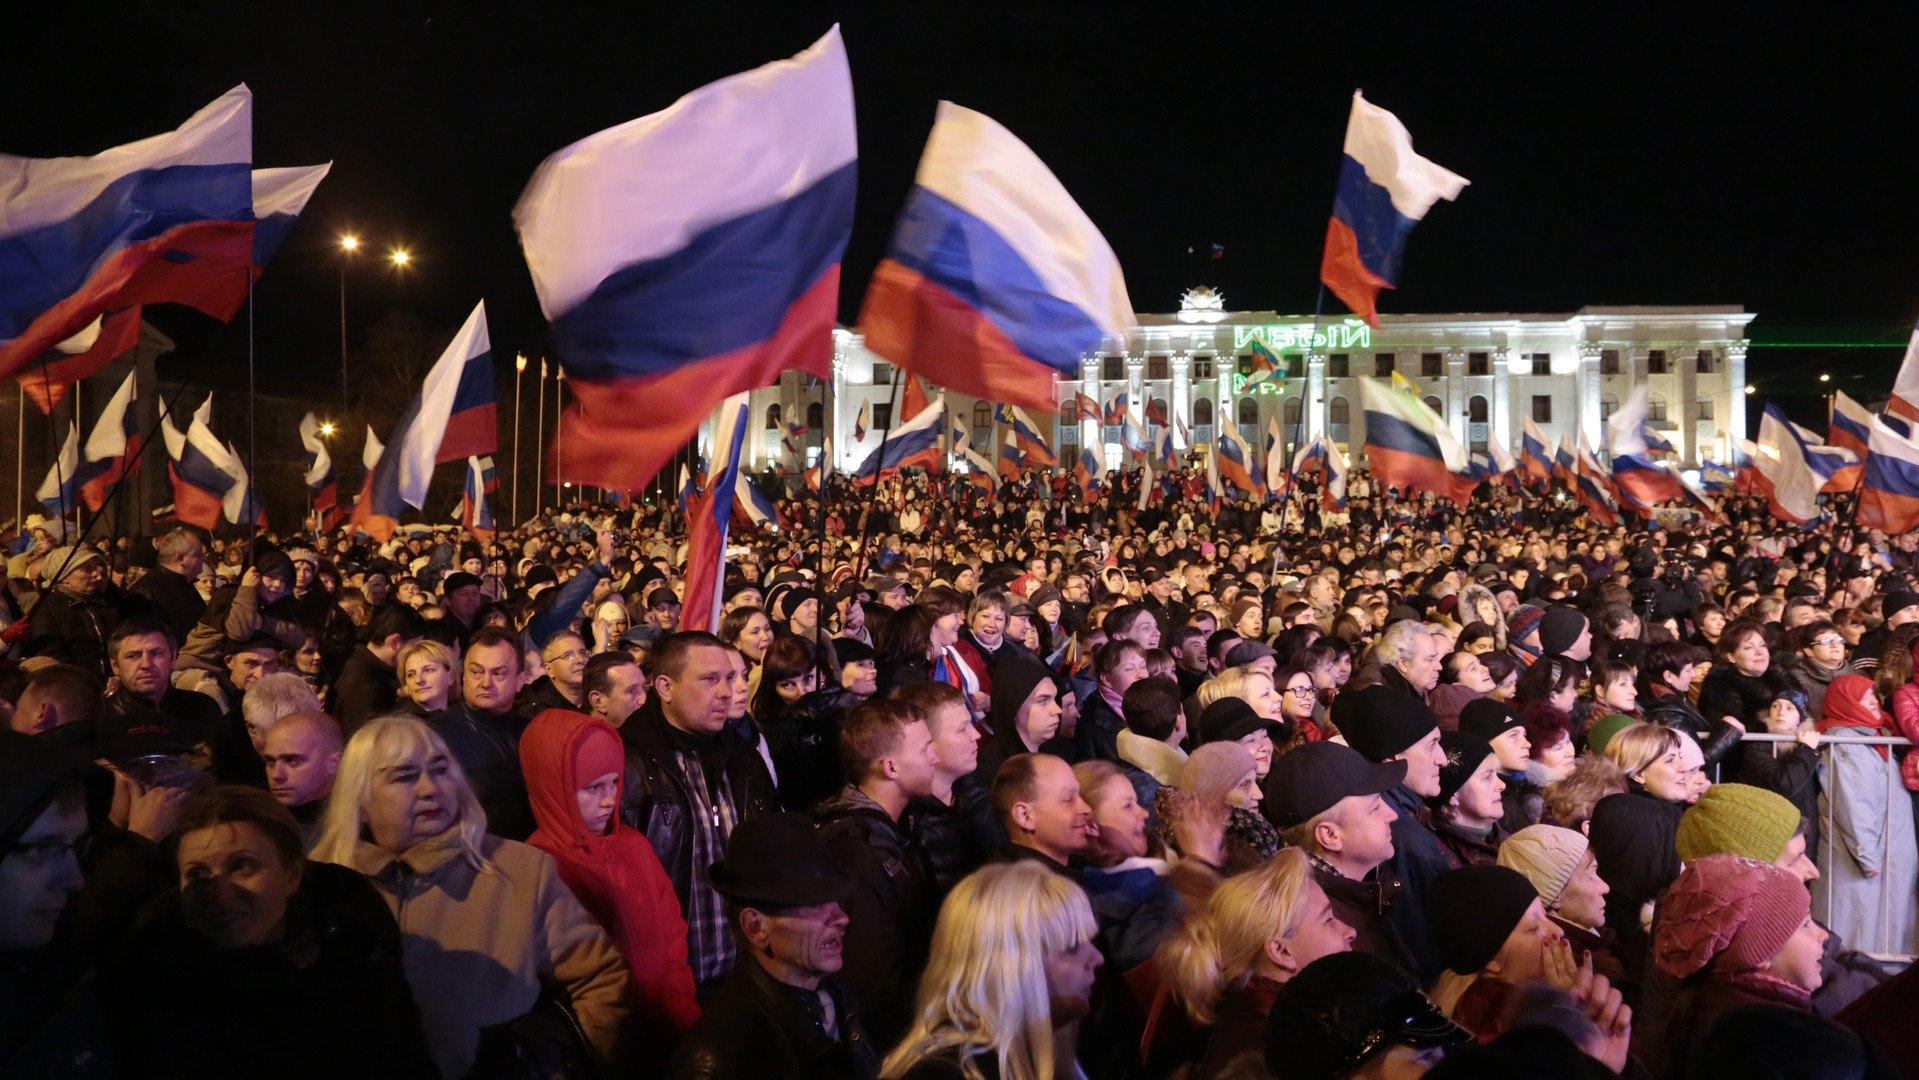 Poutine : la Russie n'a pas pu laisser la Crimée et ses habitants aux mains nationalistes (VIDEO)